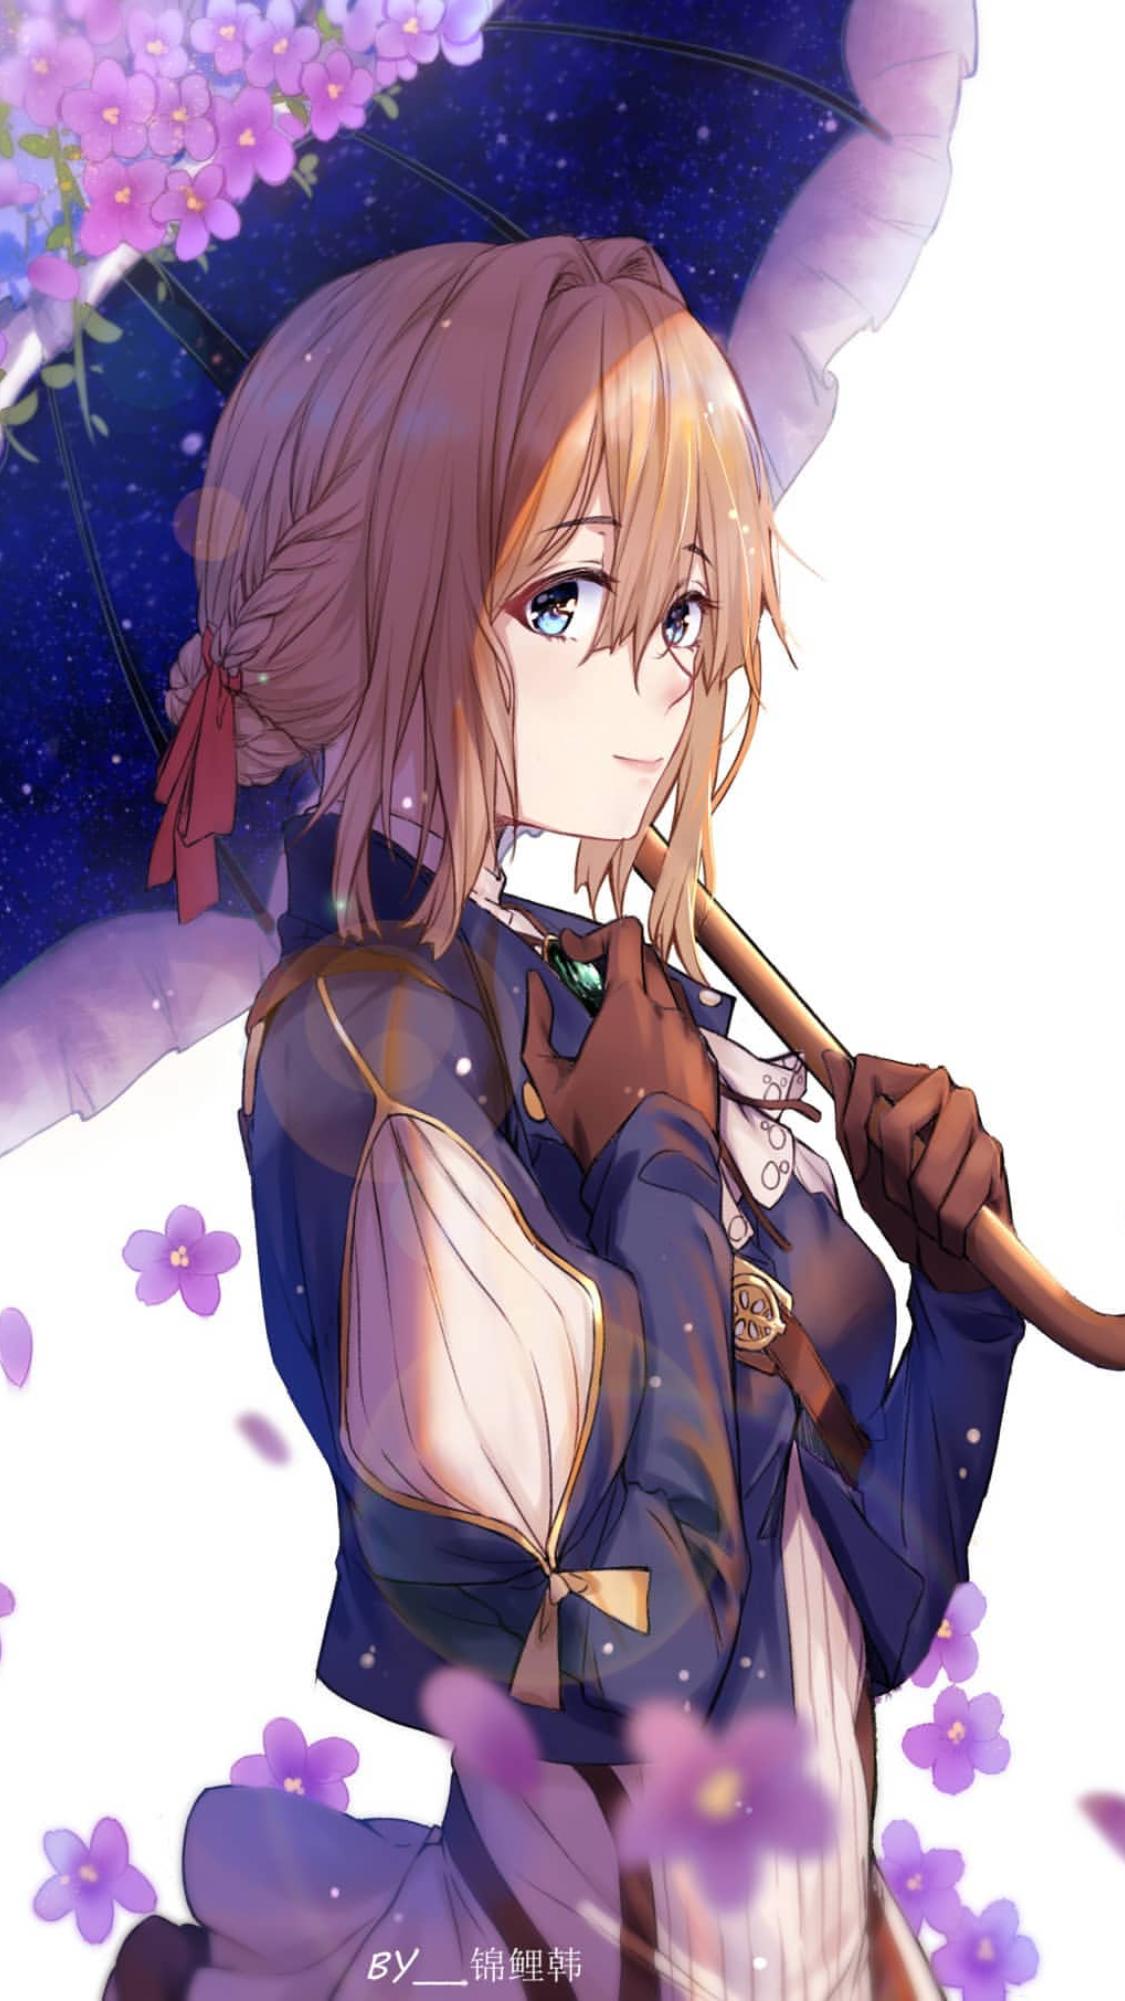 Violet Evergarden Anime Nghệ Thuật Anime Nghệ Thuật